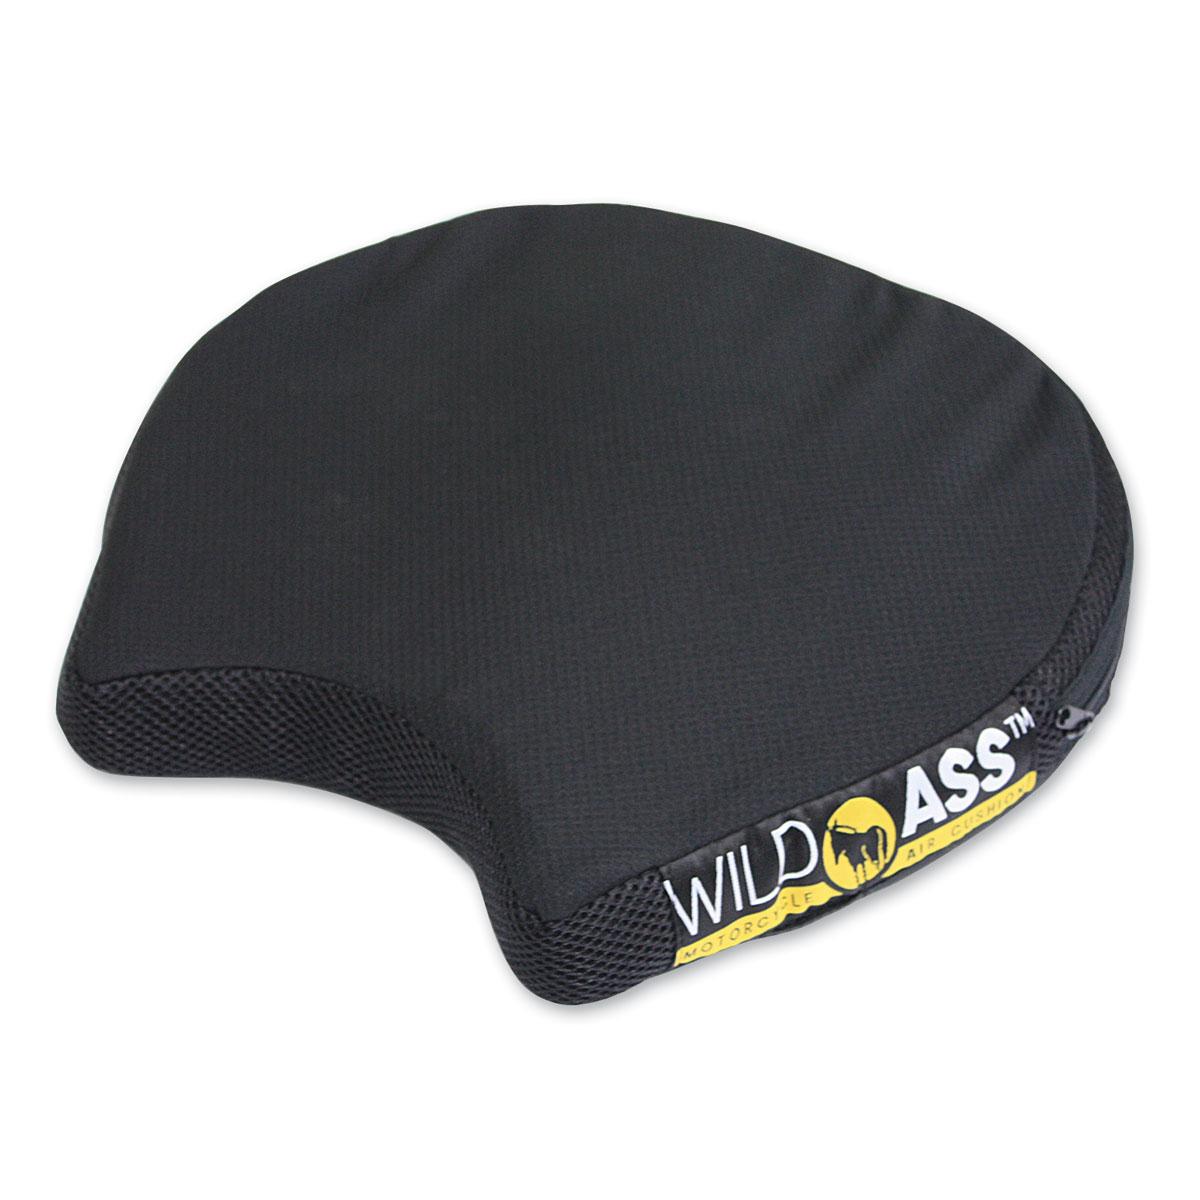 Motorcycle Air Cushion Seat Pad